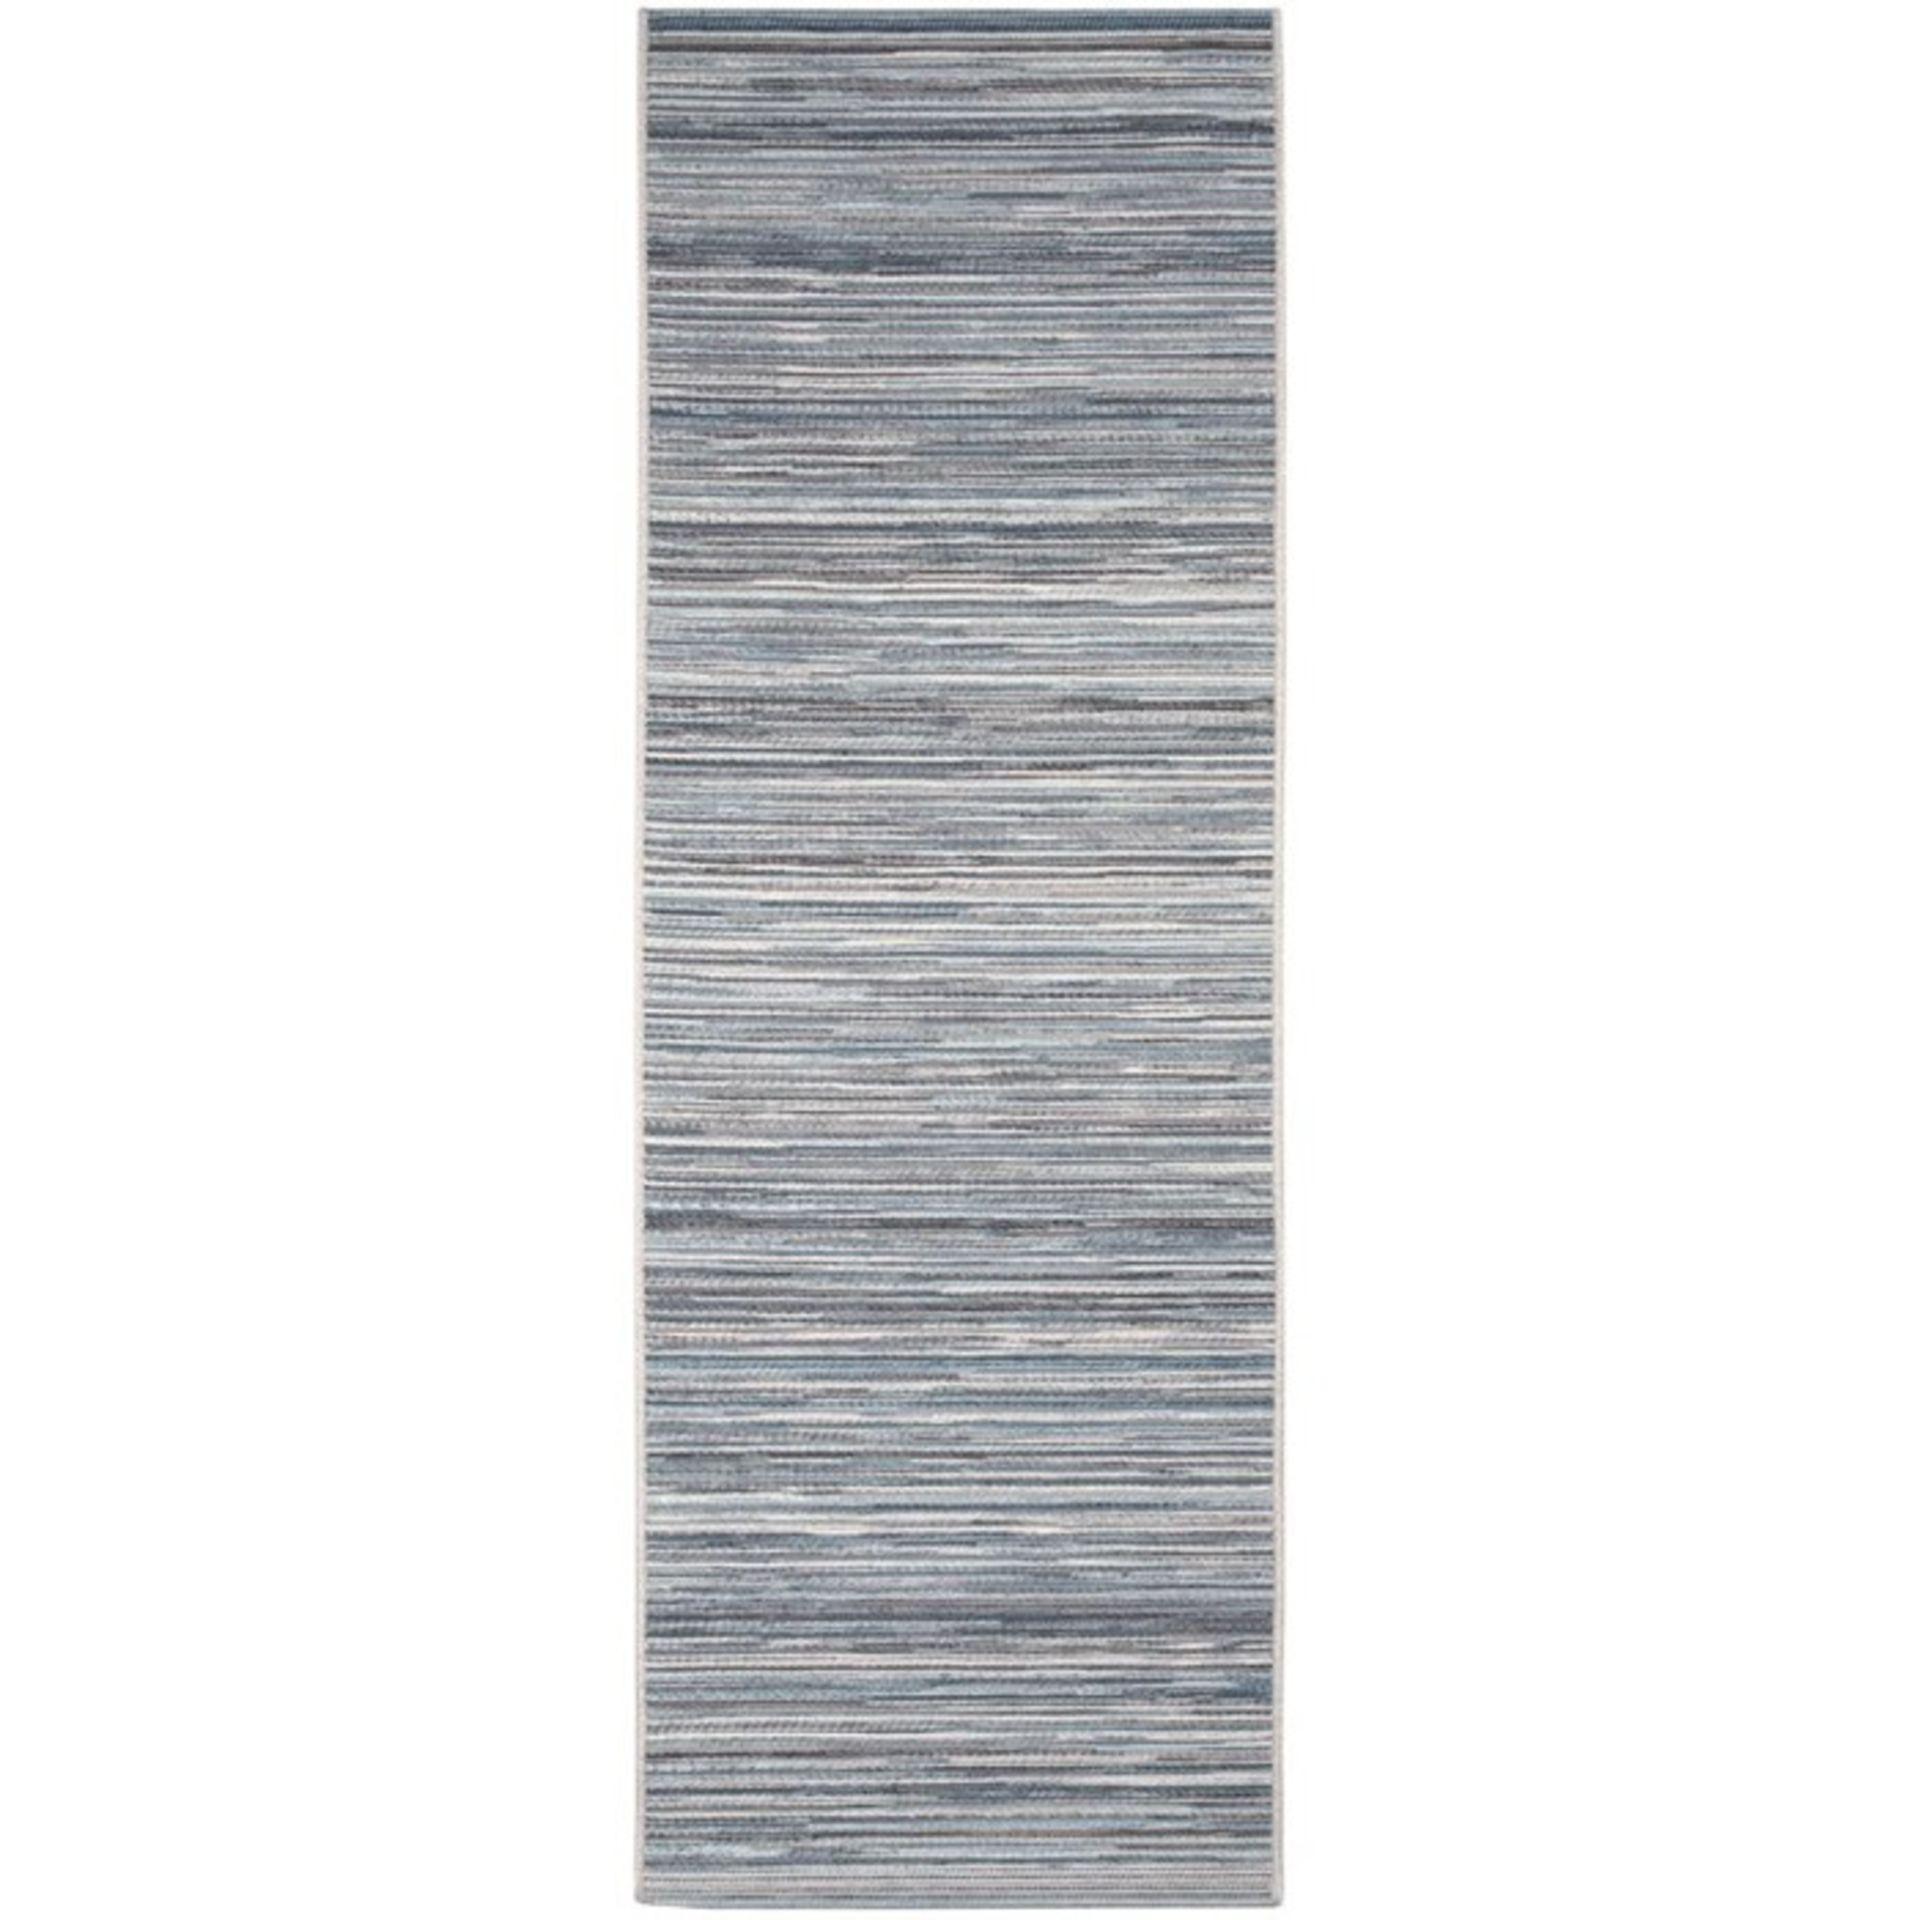 17 Stories,Njord Grey Indoor/Outdoor Rug (60X200CM)RRP -£ 45.99(18267/53 -CCOQ2089)